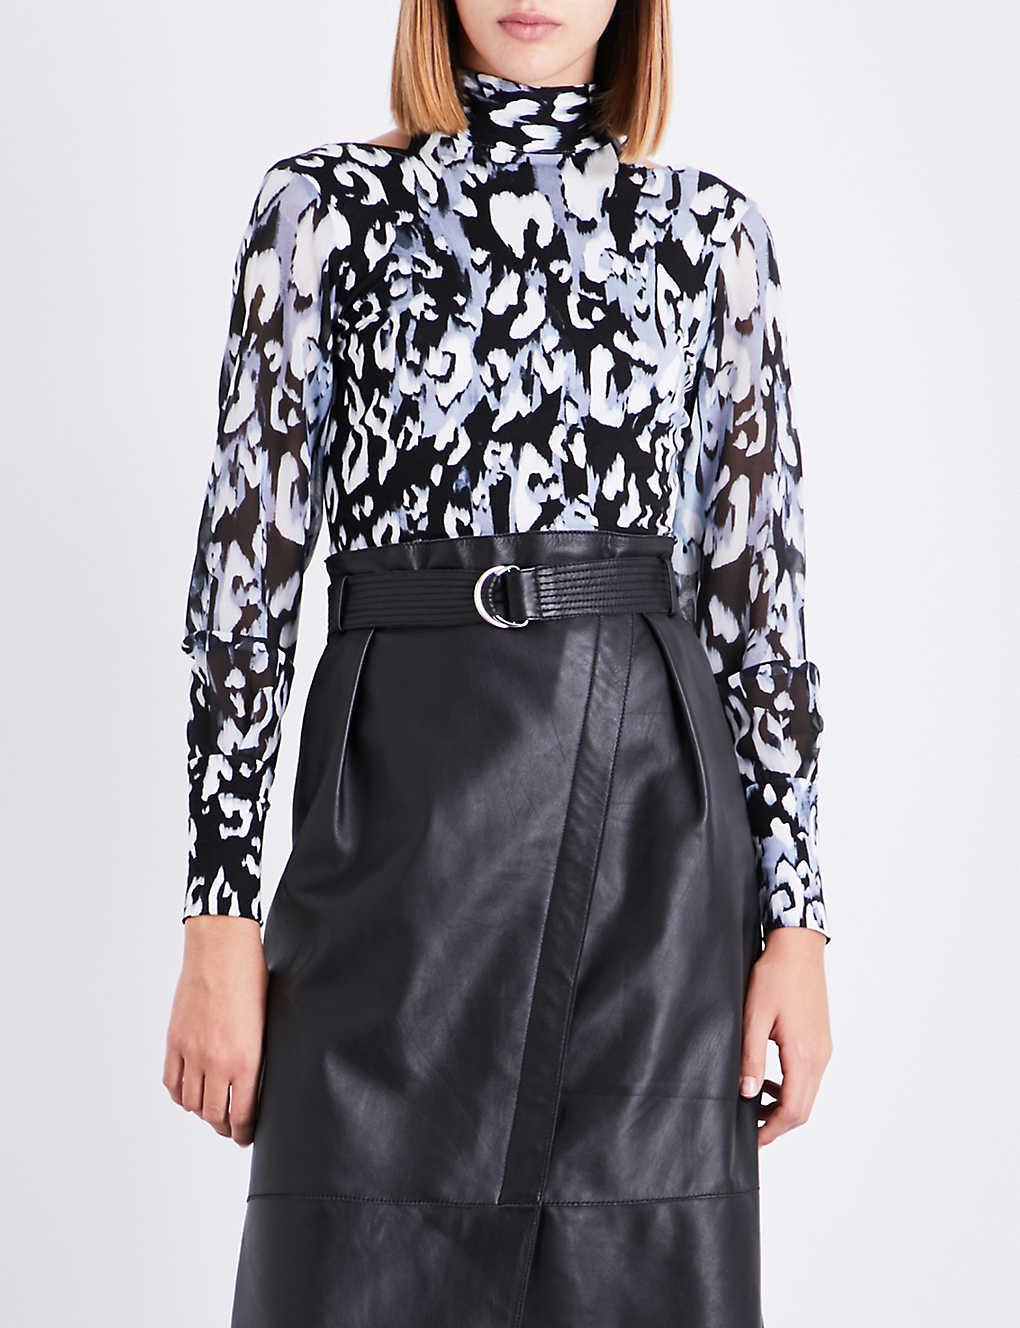 955251f1e55 KAREN MILLEN - Leopard-print tie-neck jersey top | Selfridges.com